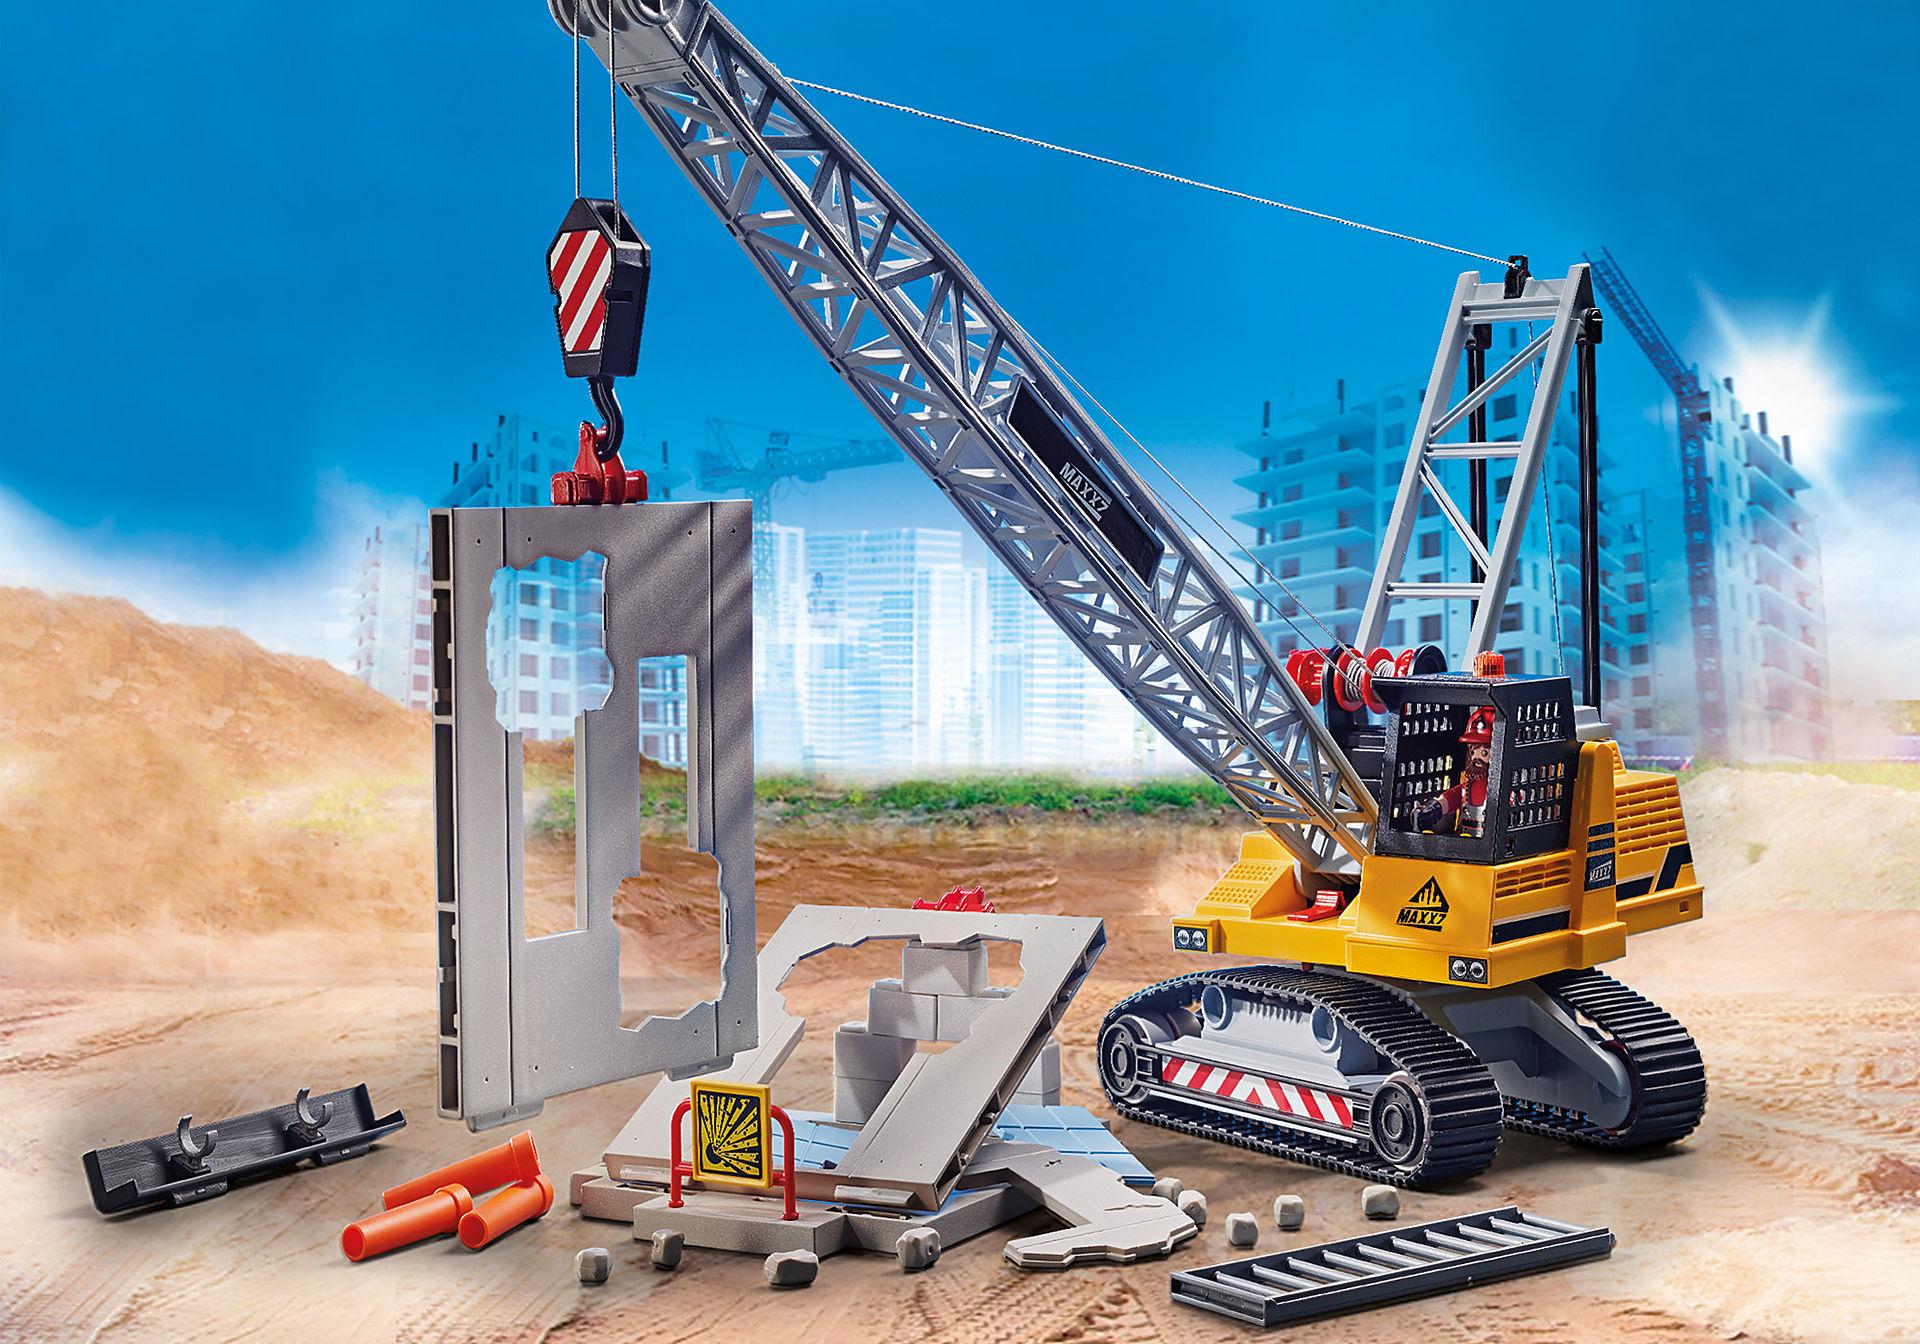 70442 Kabelgraafmachine met bouwonderdeel zoom image5